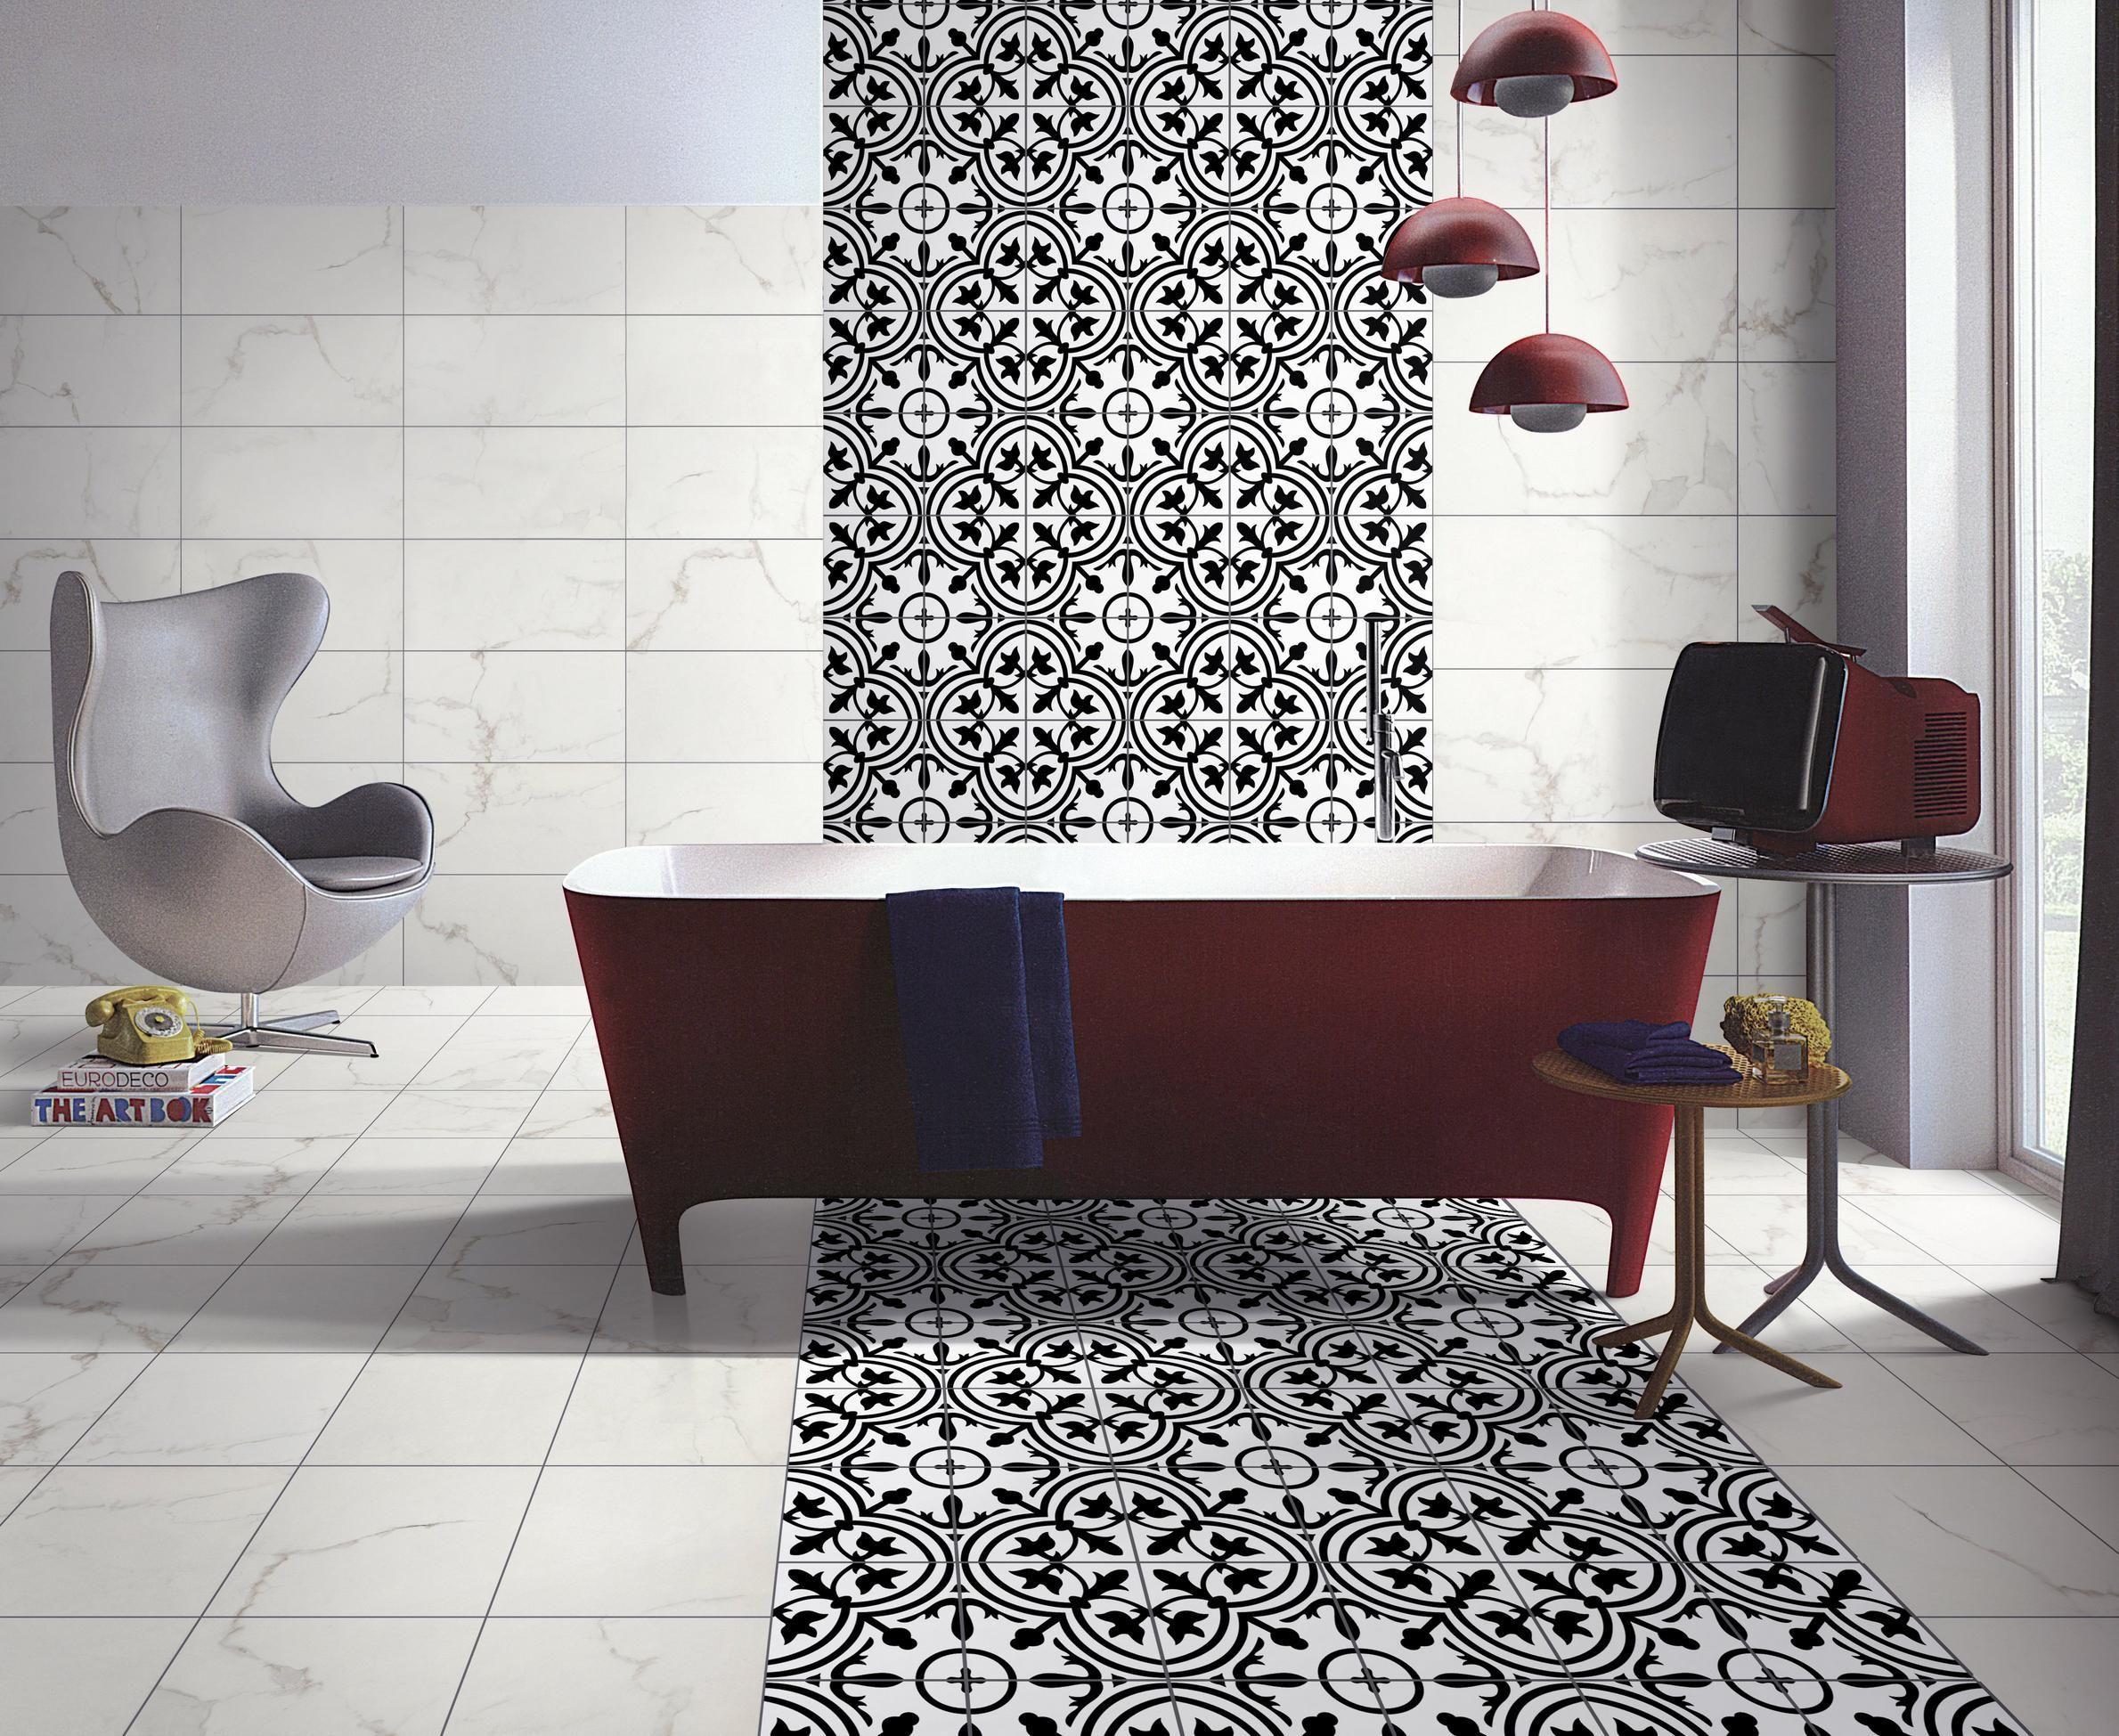 How To Decorate Ceramic Tiles White Ceramic Tiles Decorative Ceramic Tile Home Decor